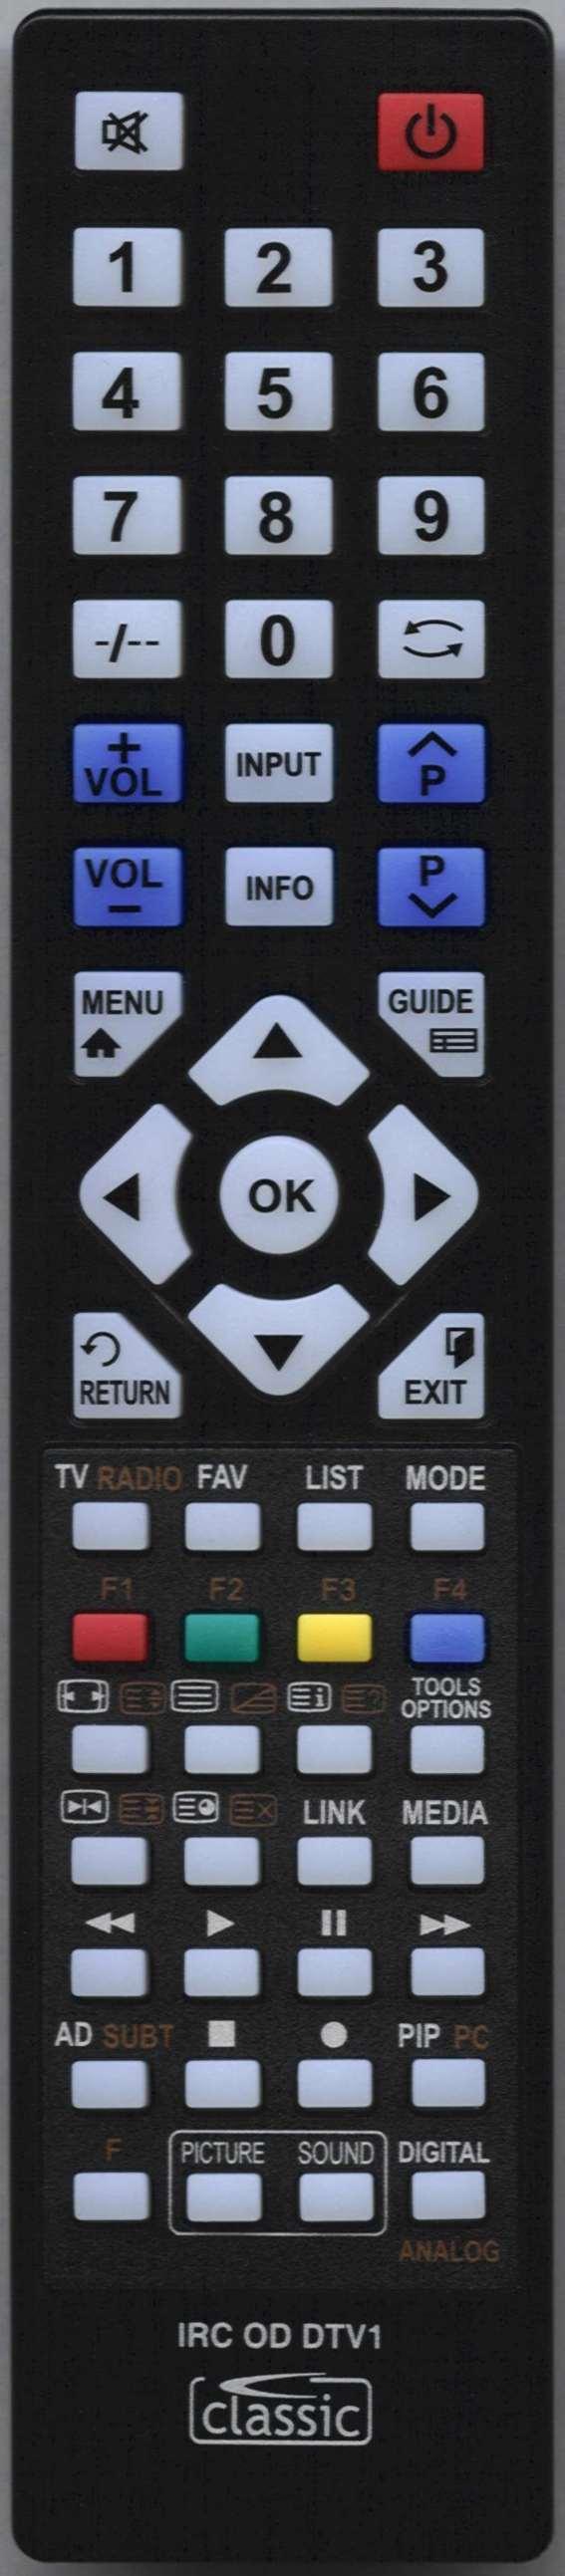 LUXOR LUX0143004/01 Remote Control Alternative